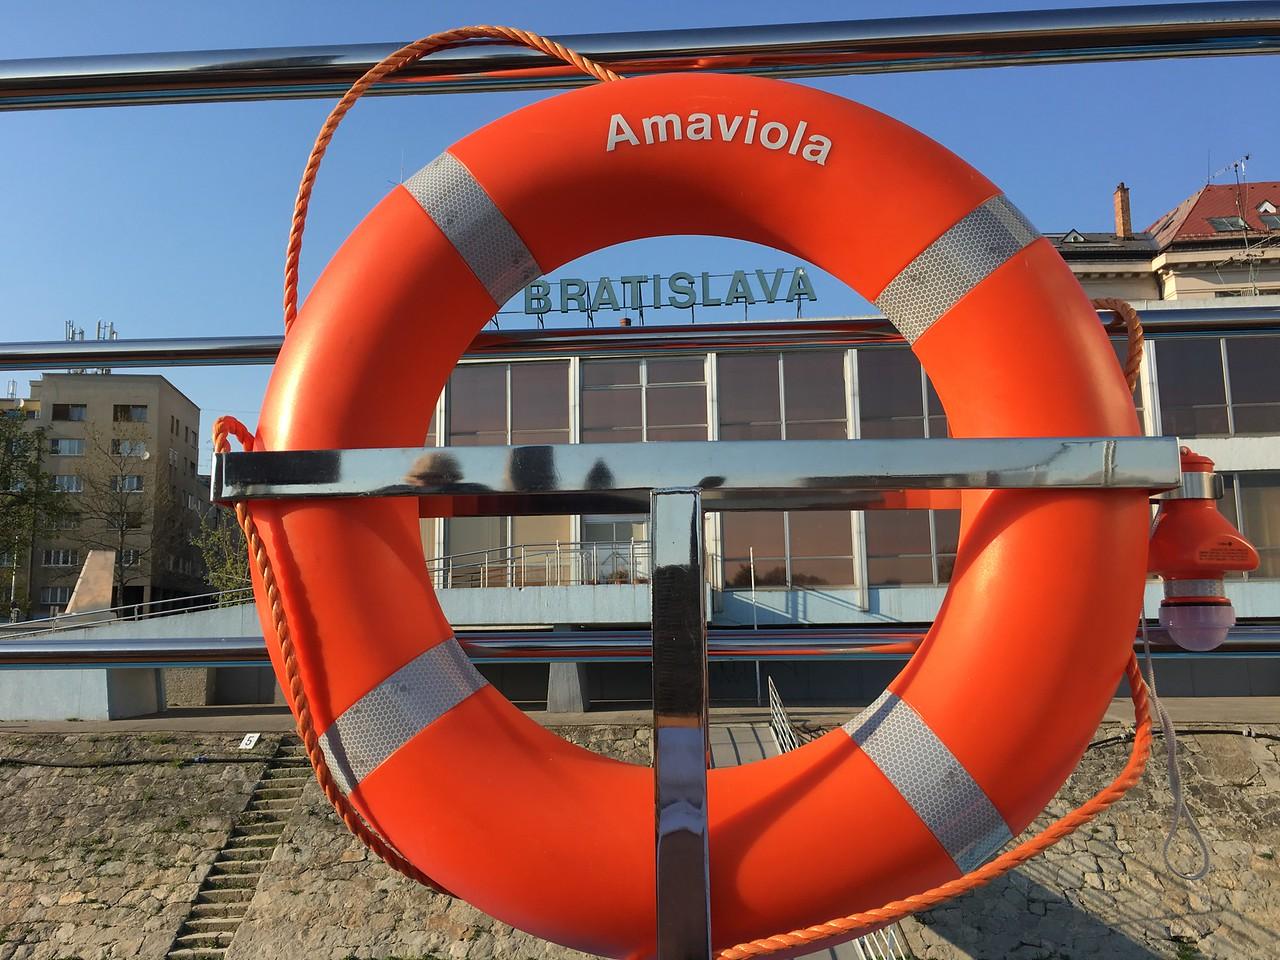 Ama Viola Docked In Bratislava